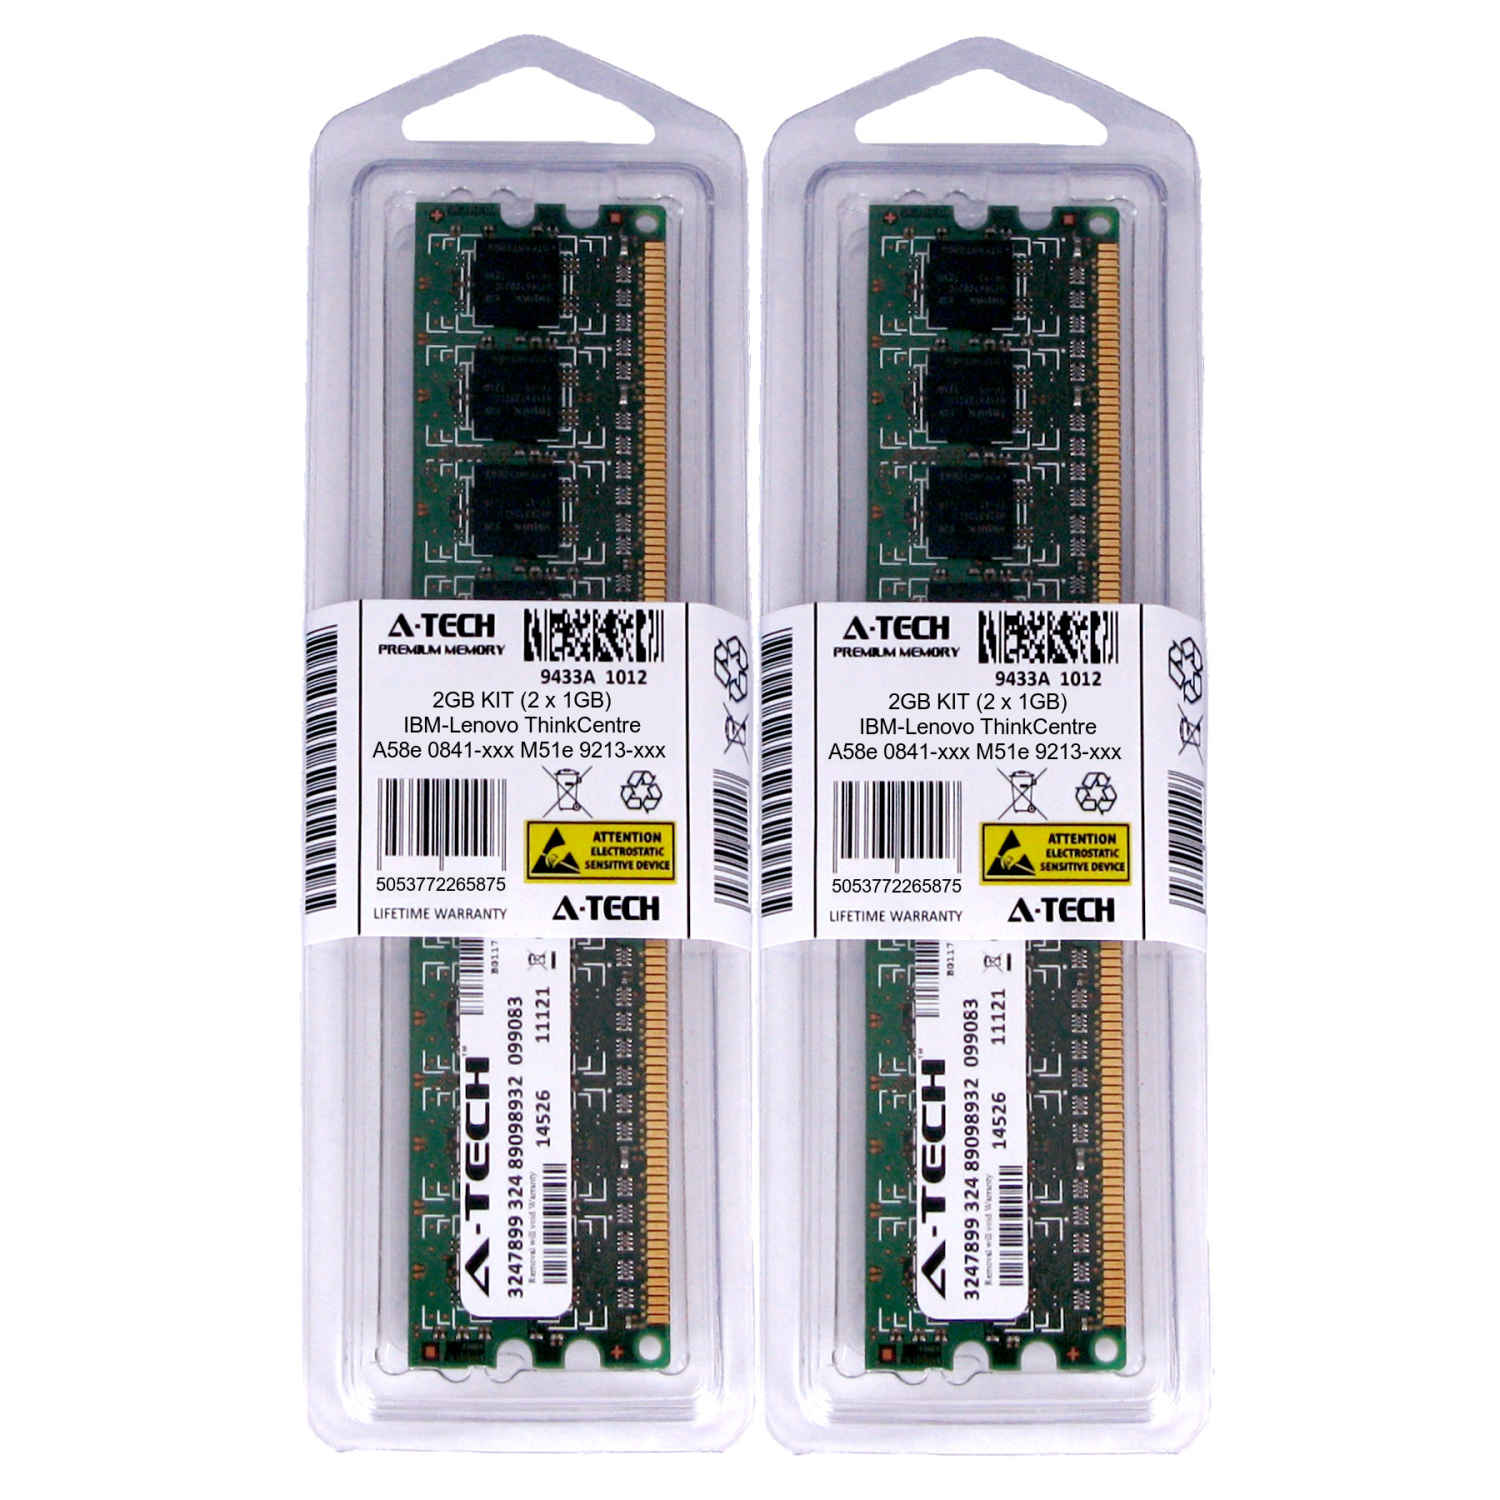 1GB DIMM IBM-Lenovo ThinkCentre M52 8113-xxx 8114-xxx 8115-xxx Ram Memory